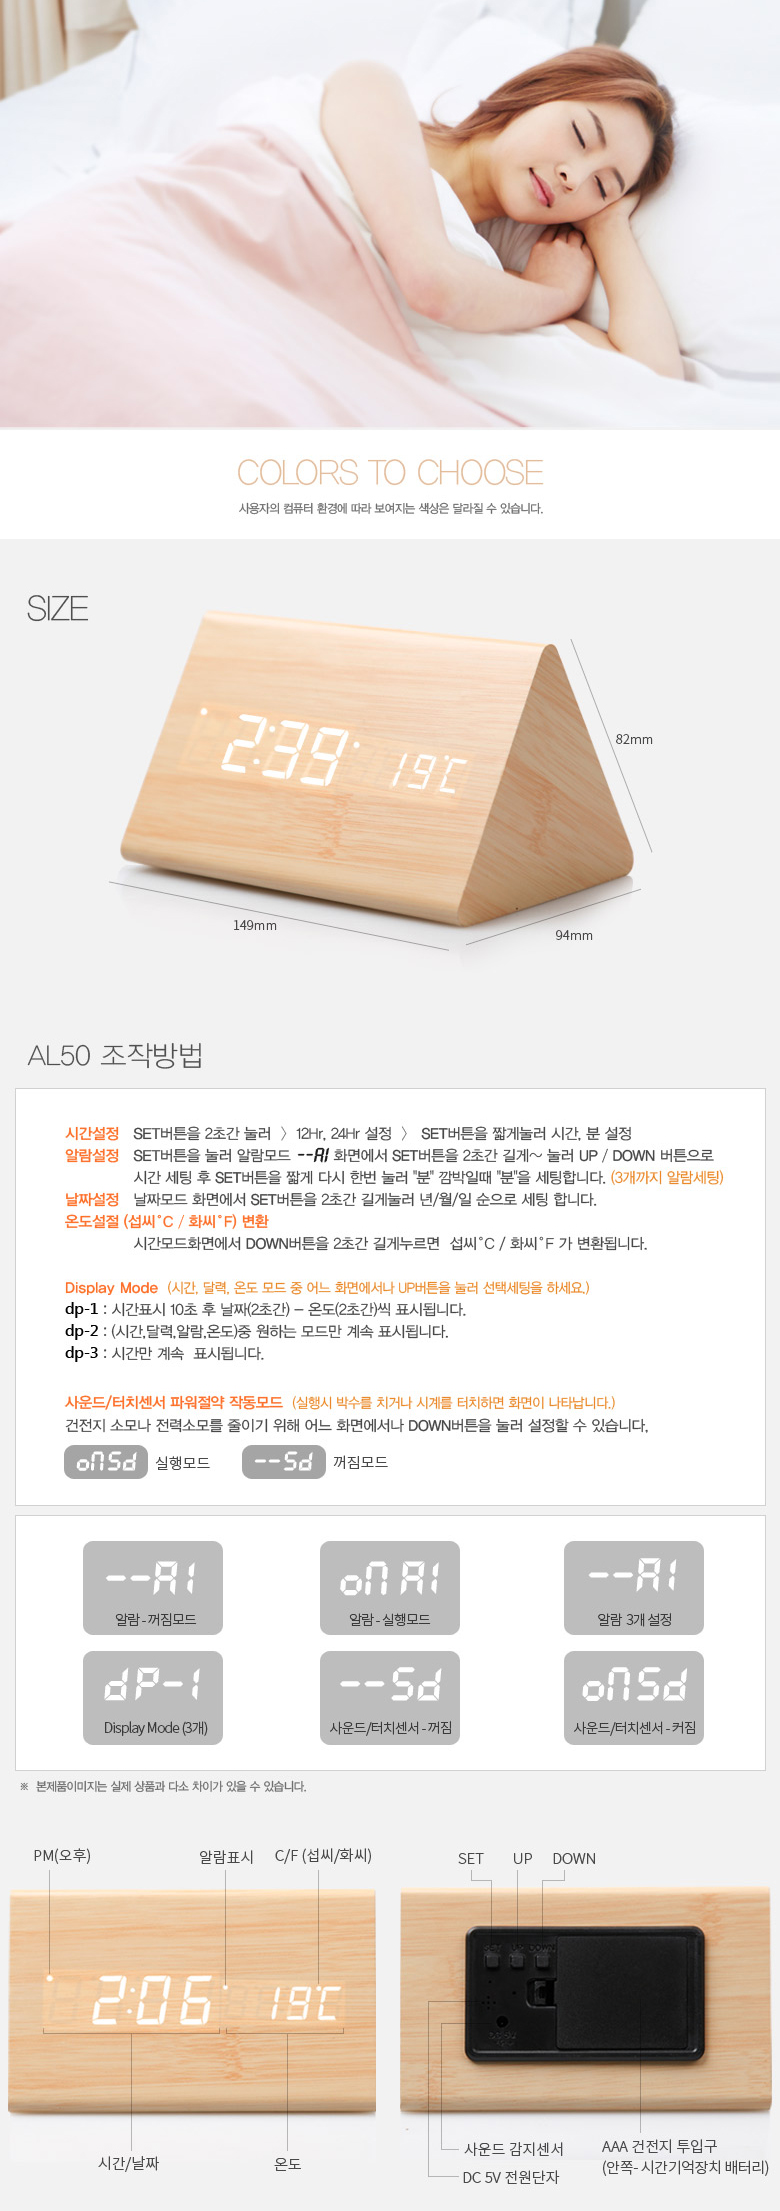 코비 LED 무소음 우드 원목 탁상 알람시계 인테리어 AL50 - 에스엔, 18,900원, 알람/탁상시계, 알람시계